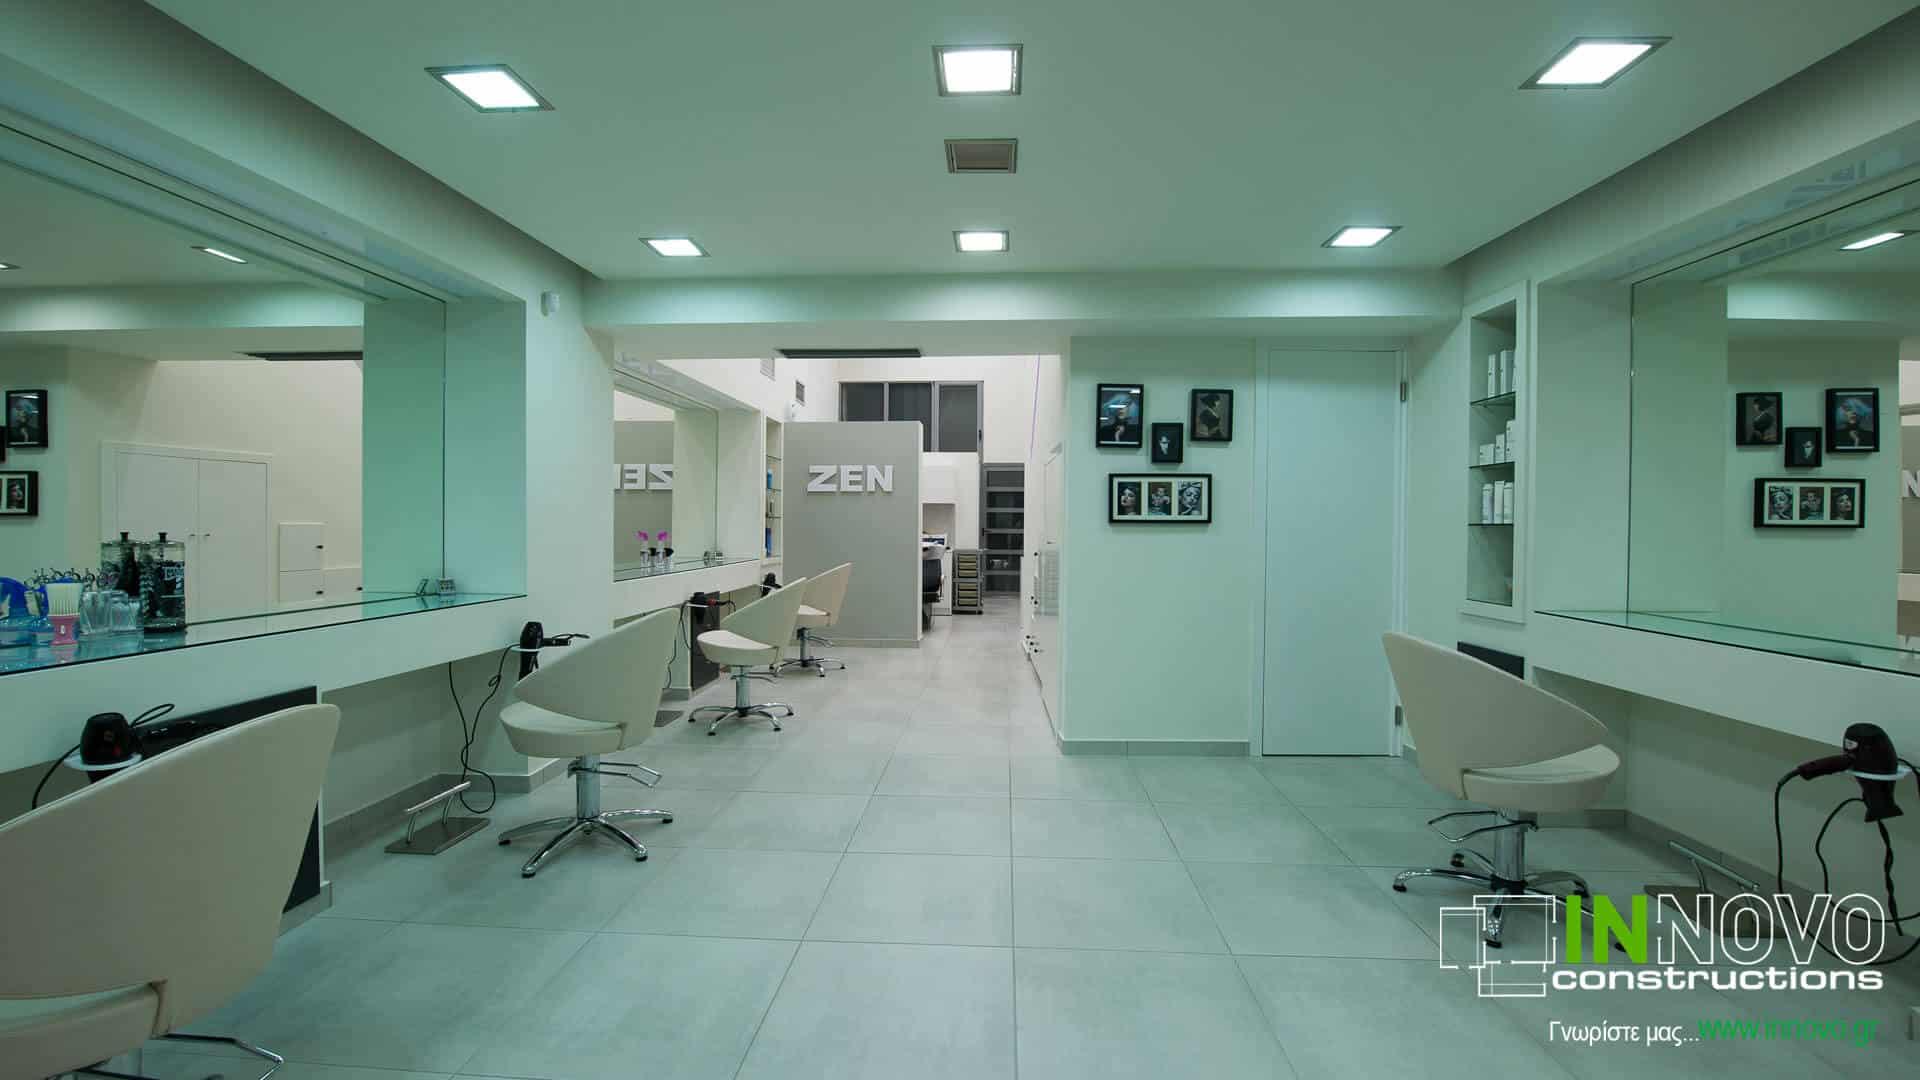 kataskevi-kommotiriou-hairdressers-construction-kommotirio-renti-1365-7